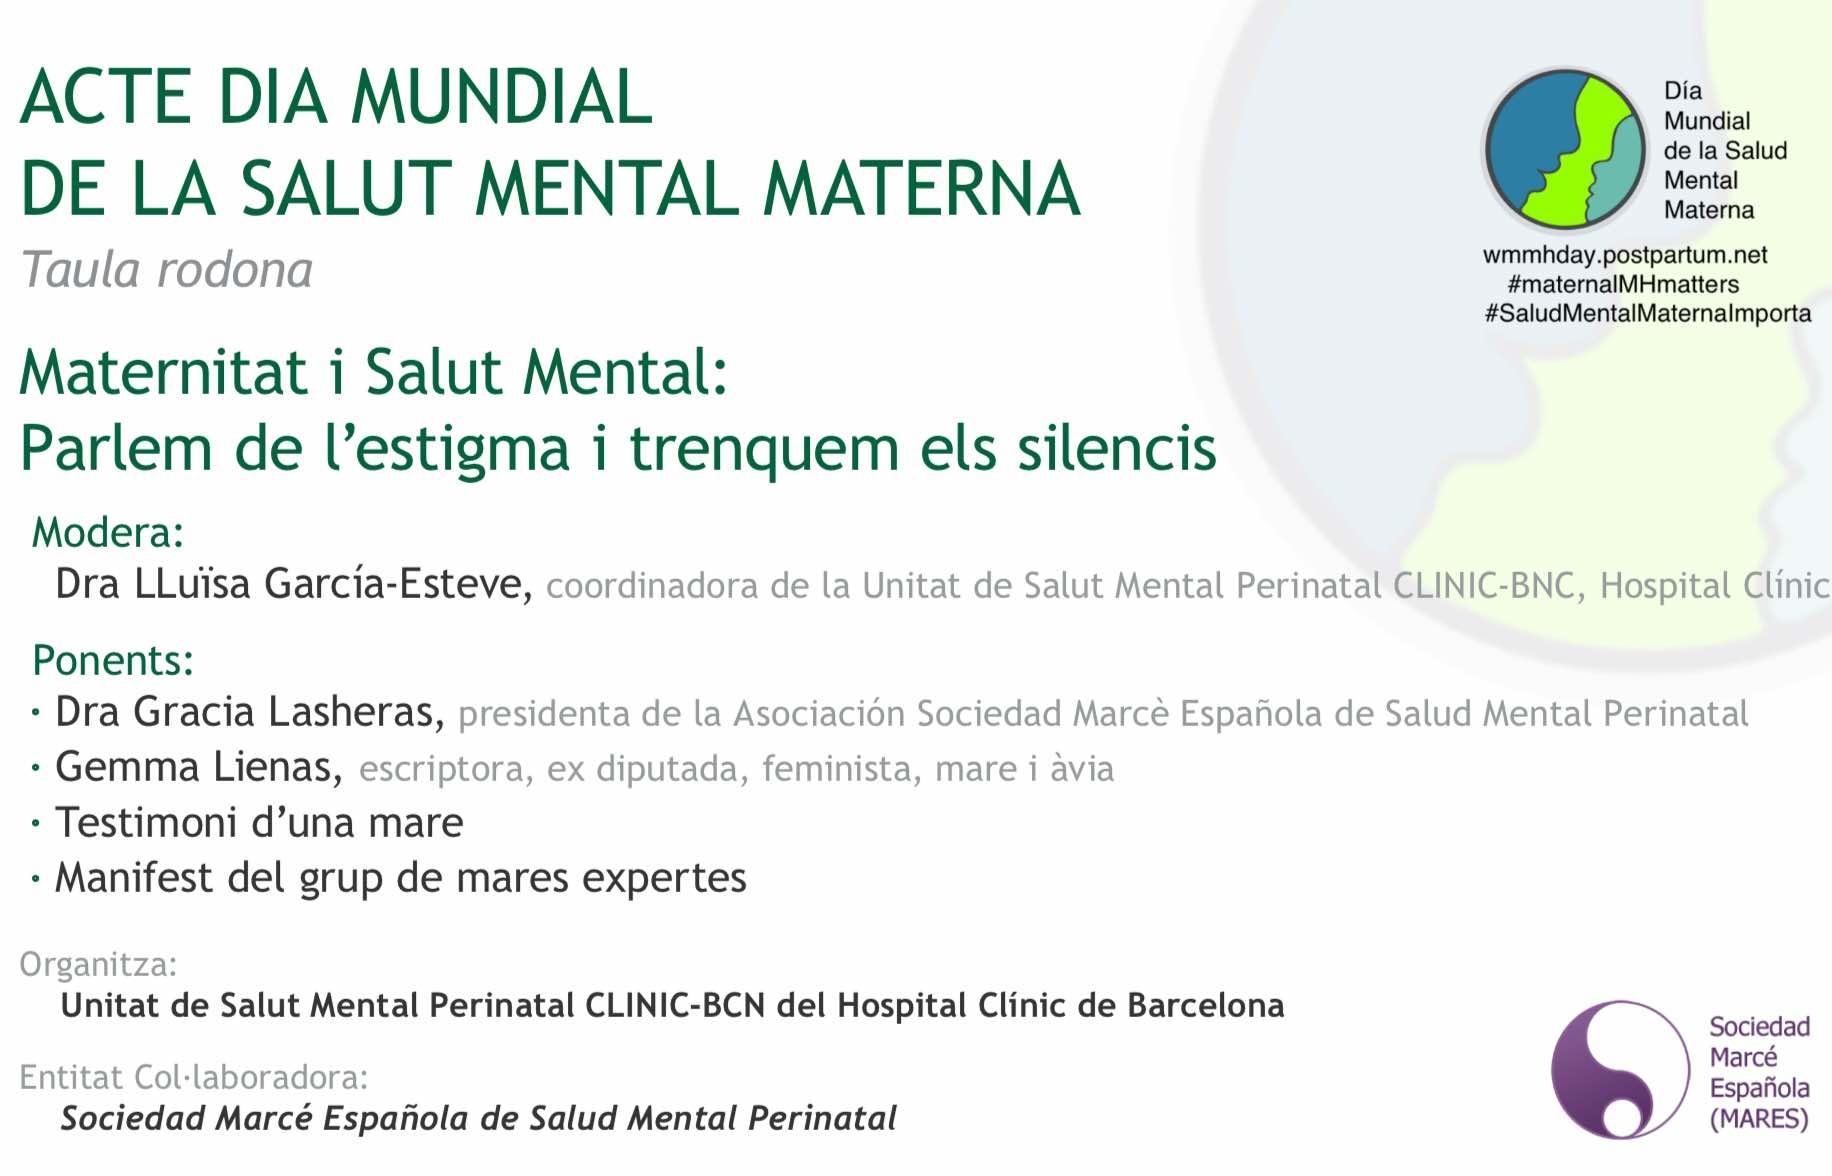 Mesa Redonda: Maternidad y Salud Mental: hablemos del estigma y rompamos los silencios